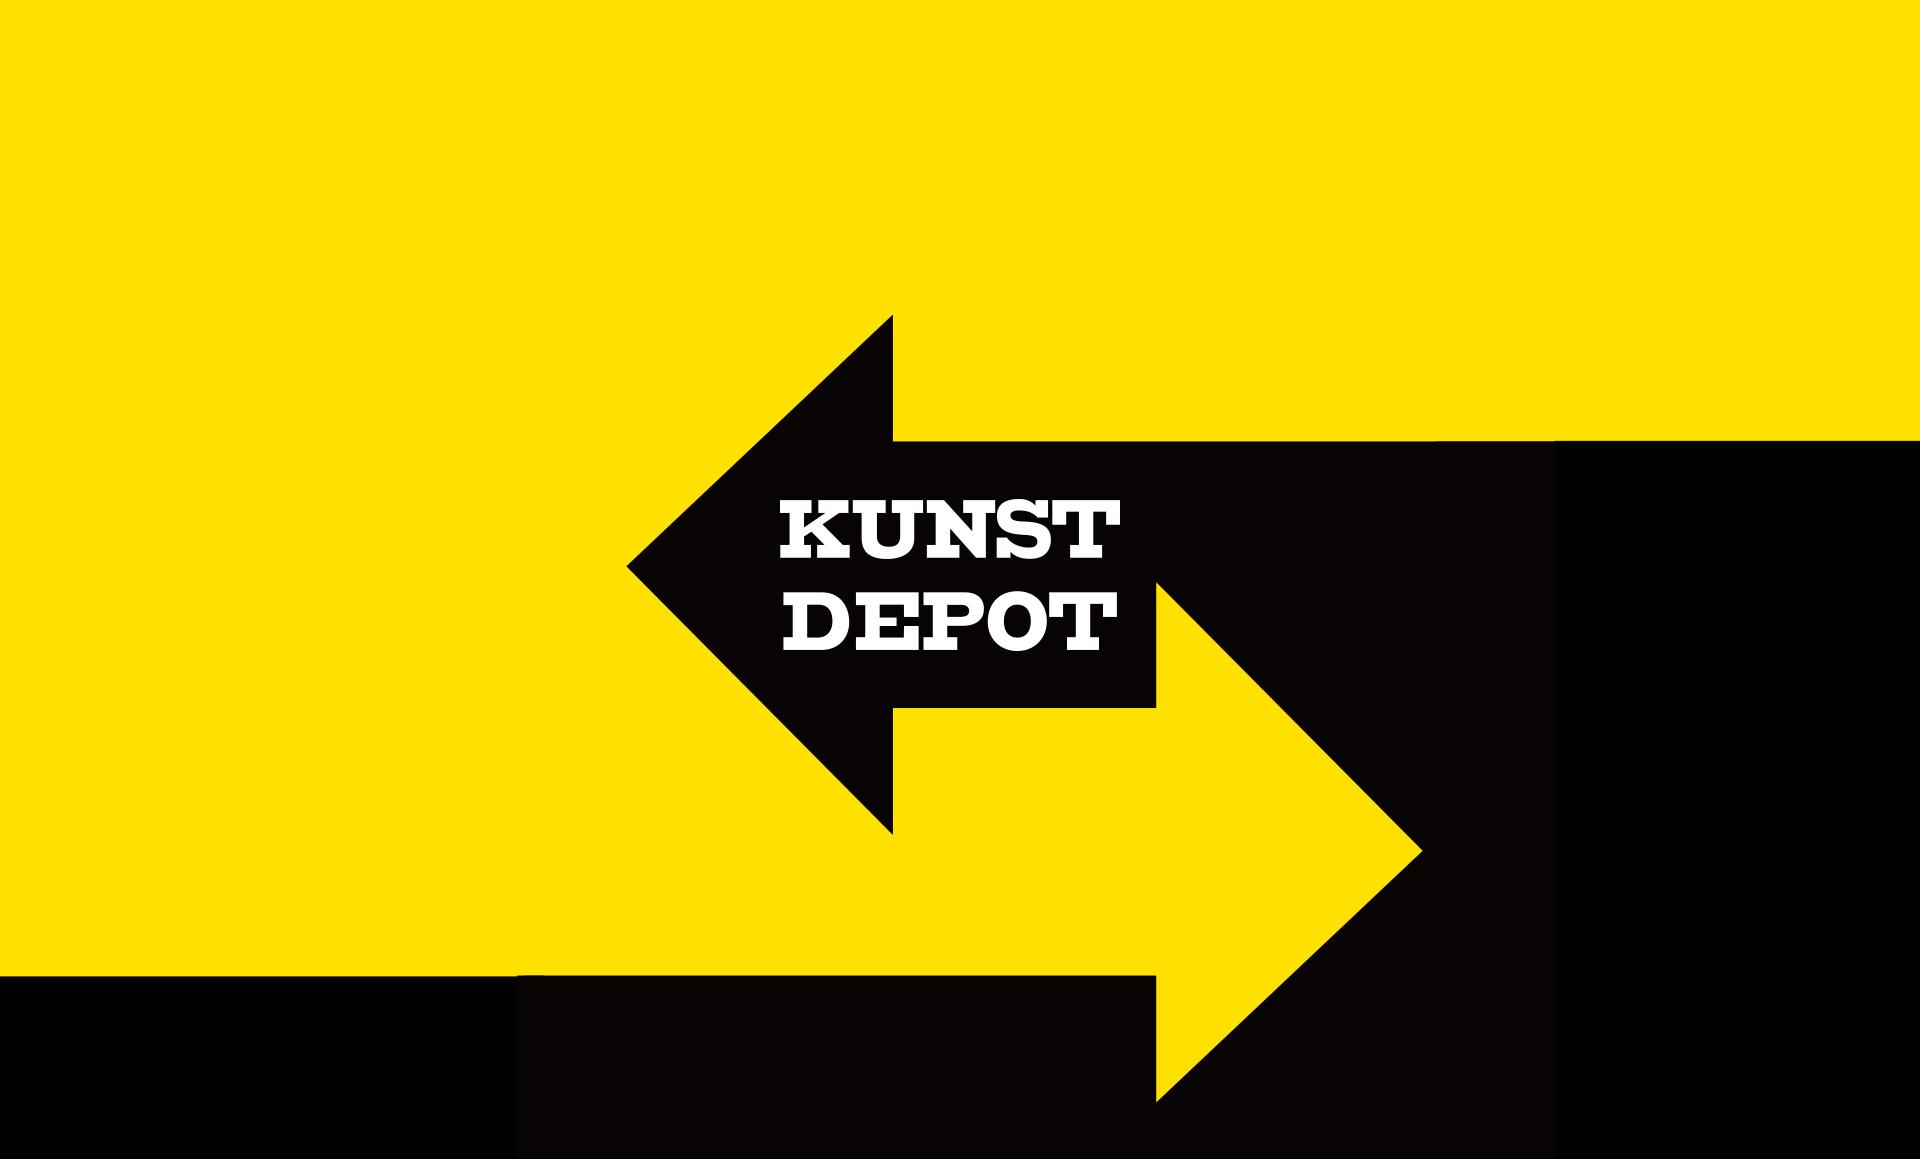 Kunst_thumb_02